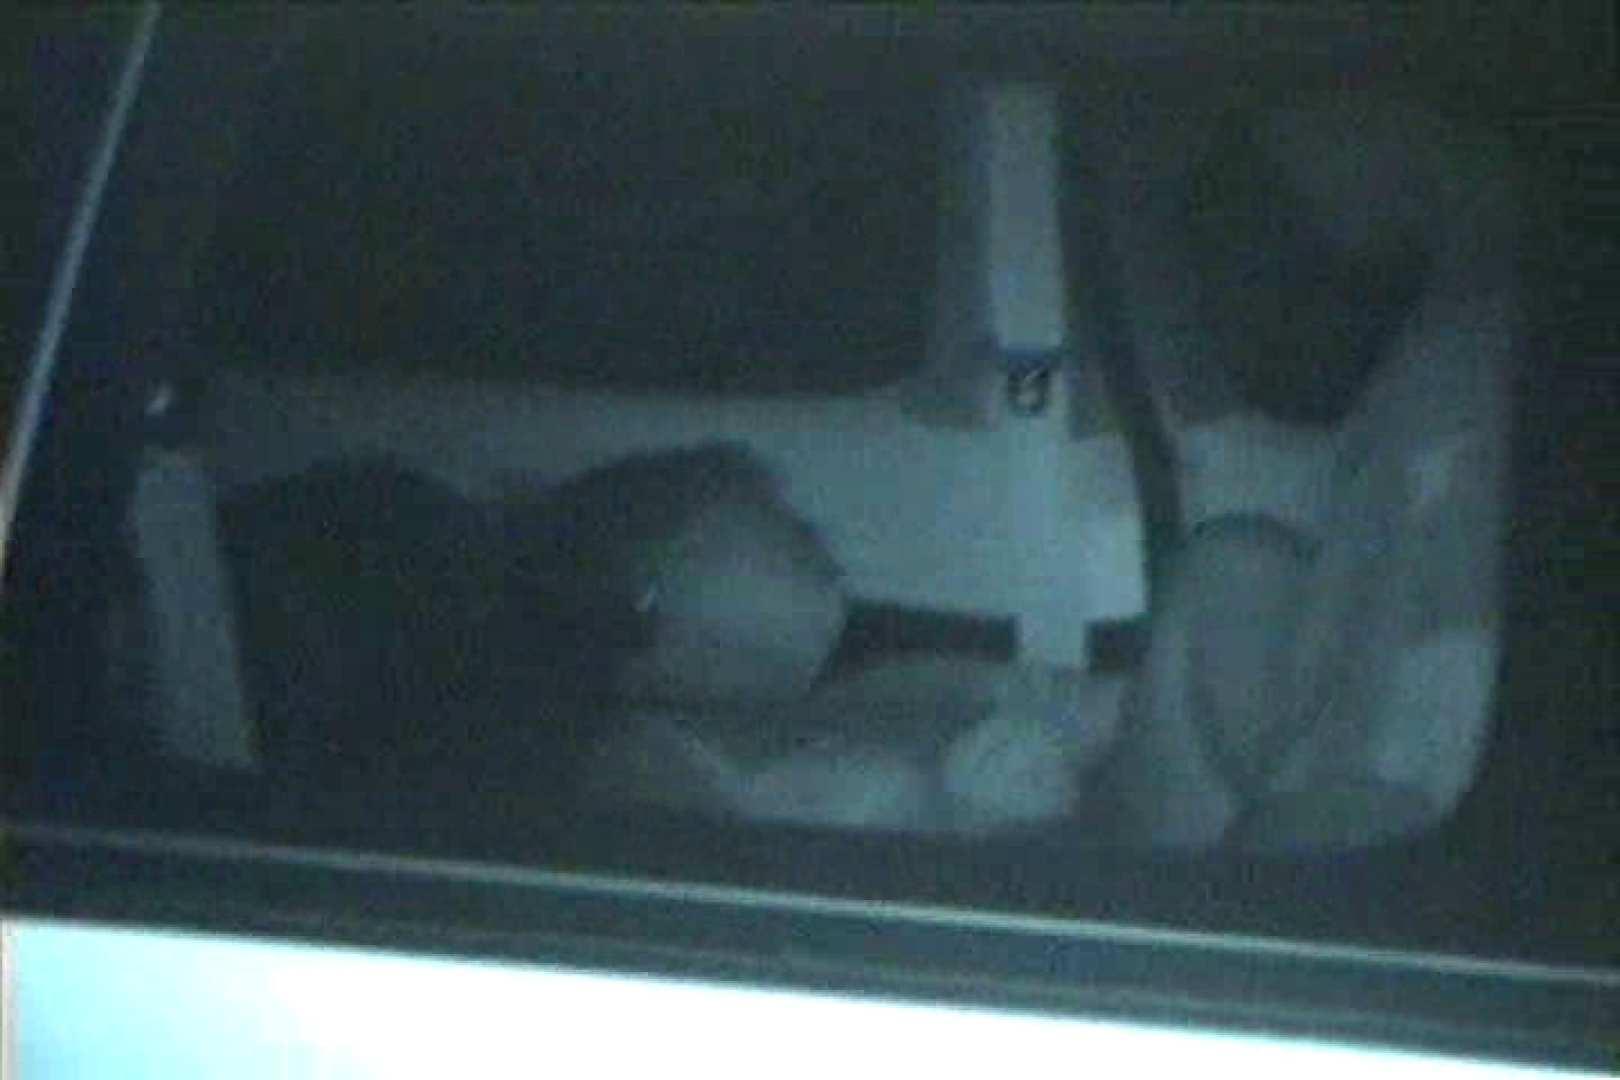 車の中はラブホテル 無修正版  Vol.24 ラブホテル 濡れ場動画紹介 102画像 97